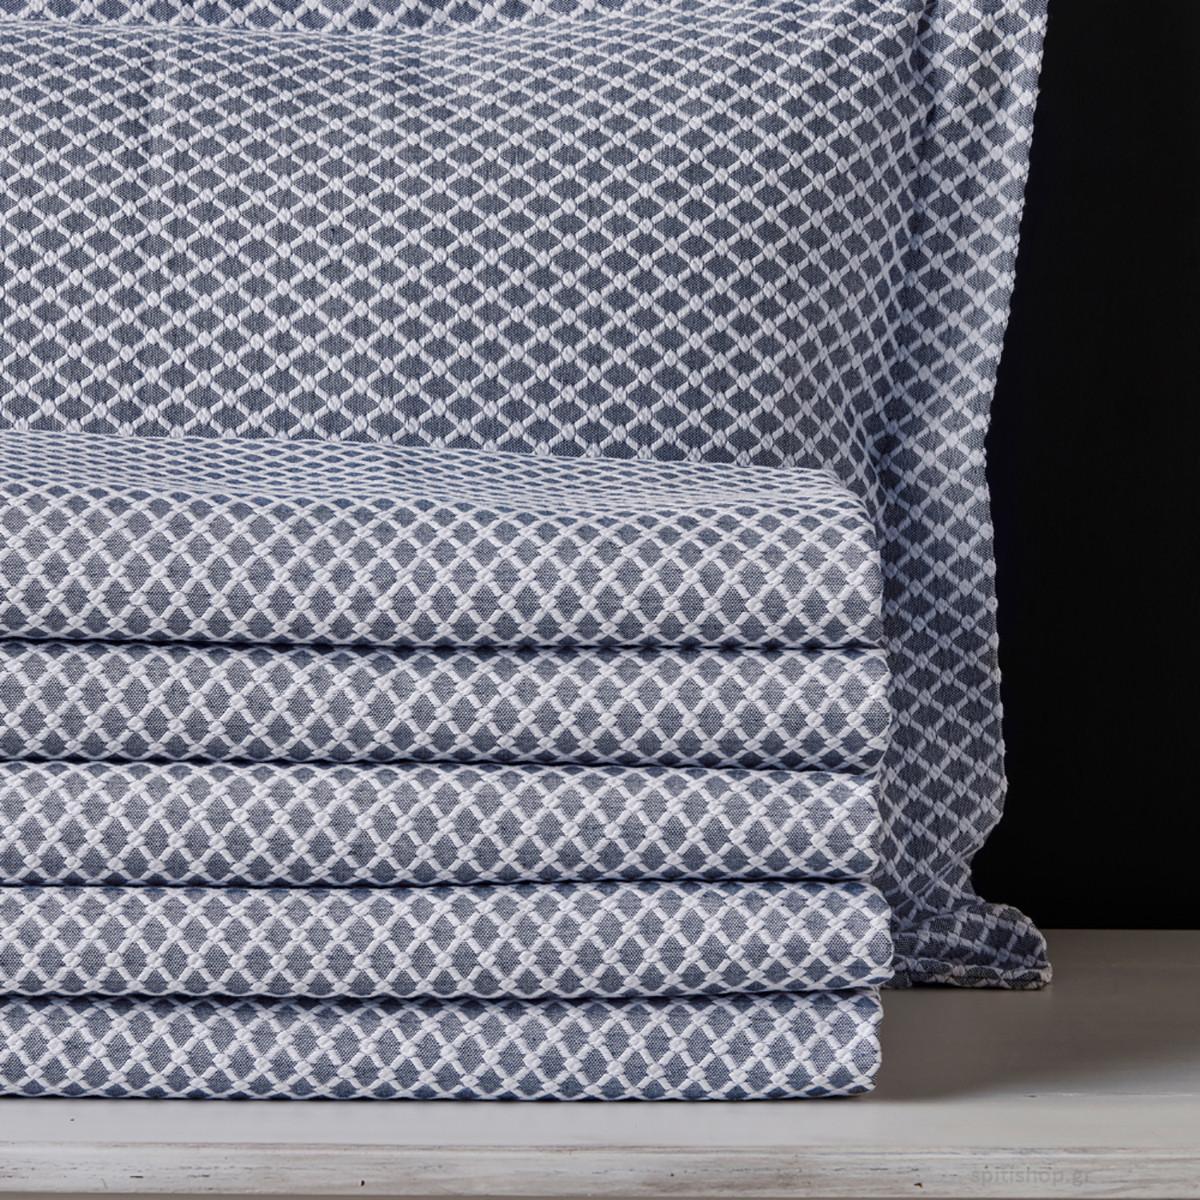 Κουβερτόριο Υπέρδιπλο Kentia Stylish Diamand 19 home   κρεβατοκάμαρα   κουβέρτες   κουβέρτες καλοκαιρινές υπέρδιπλες